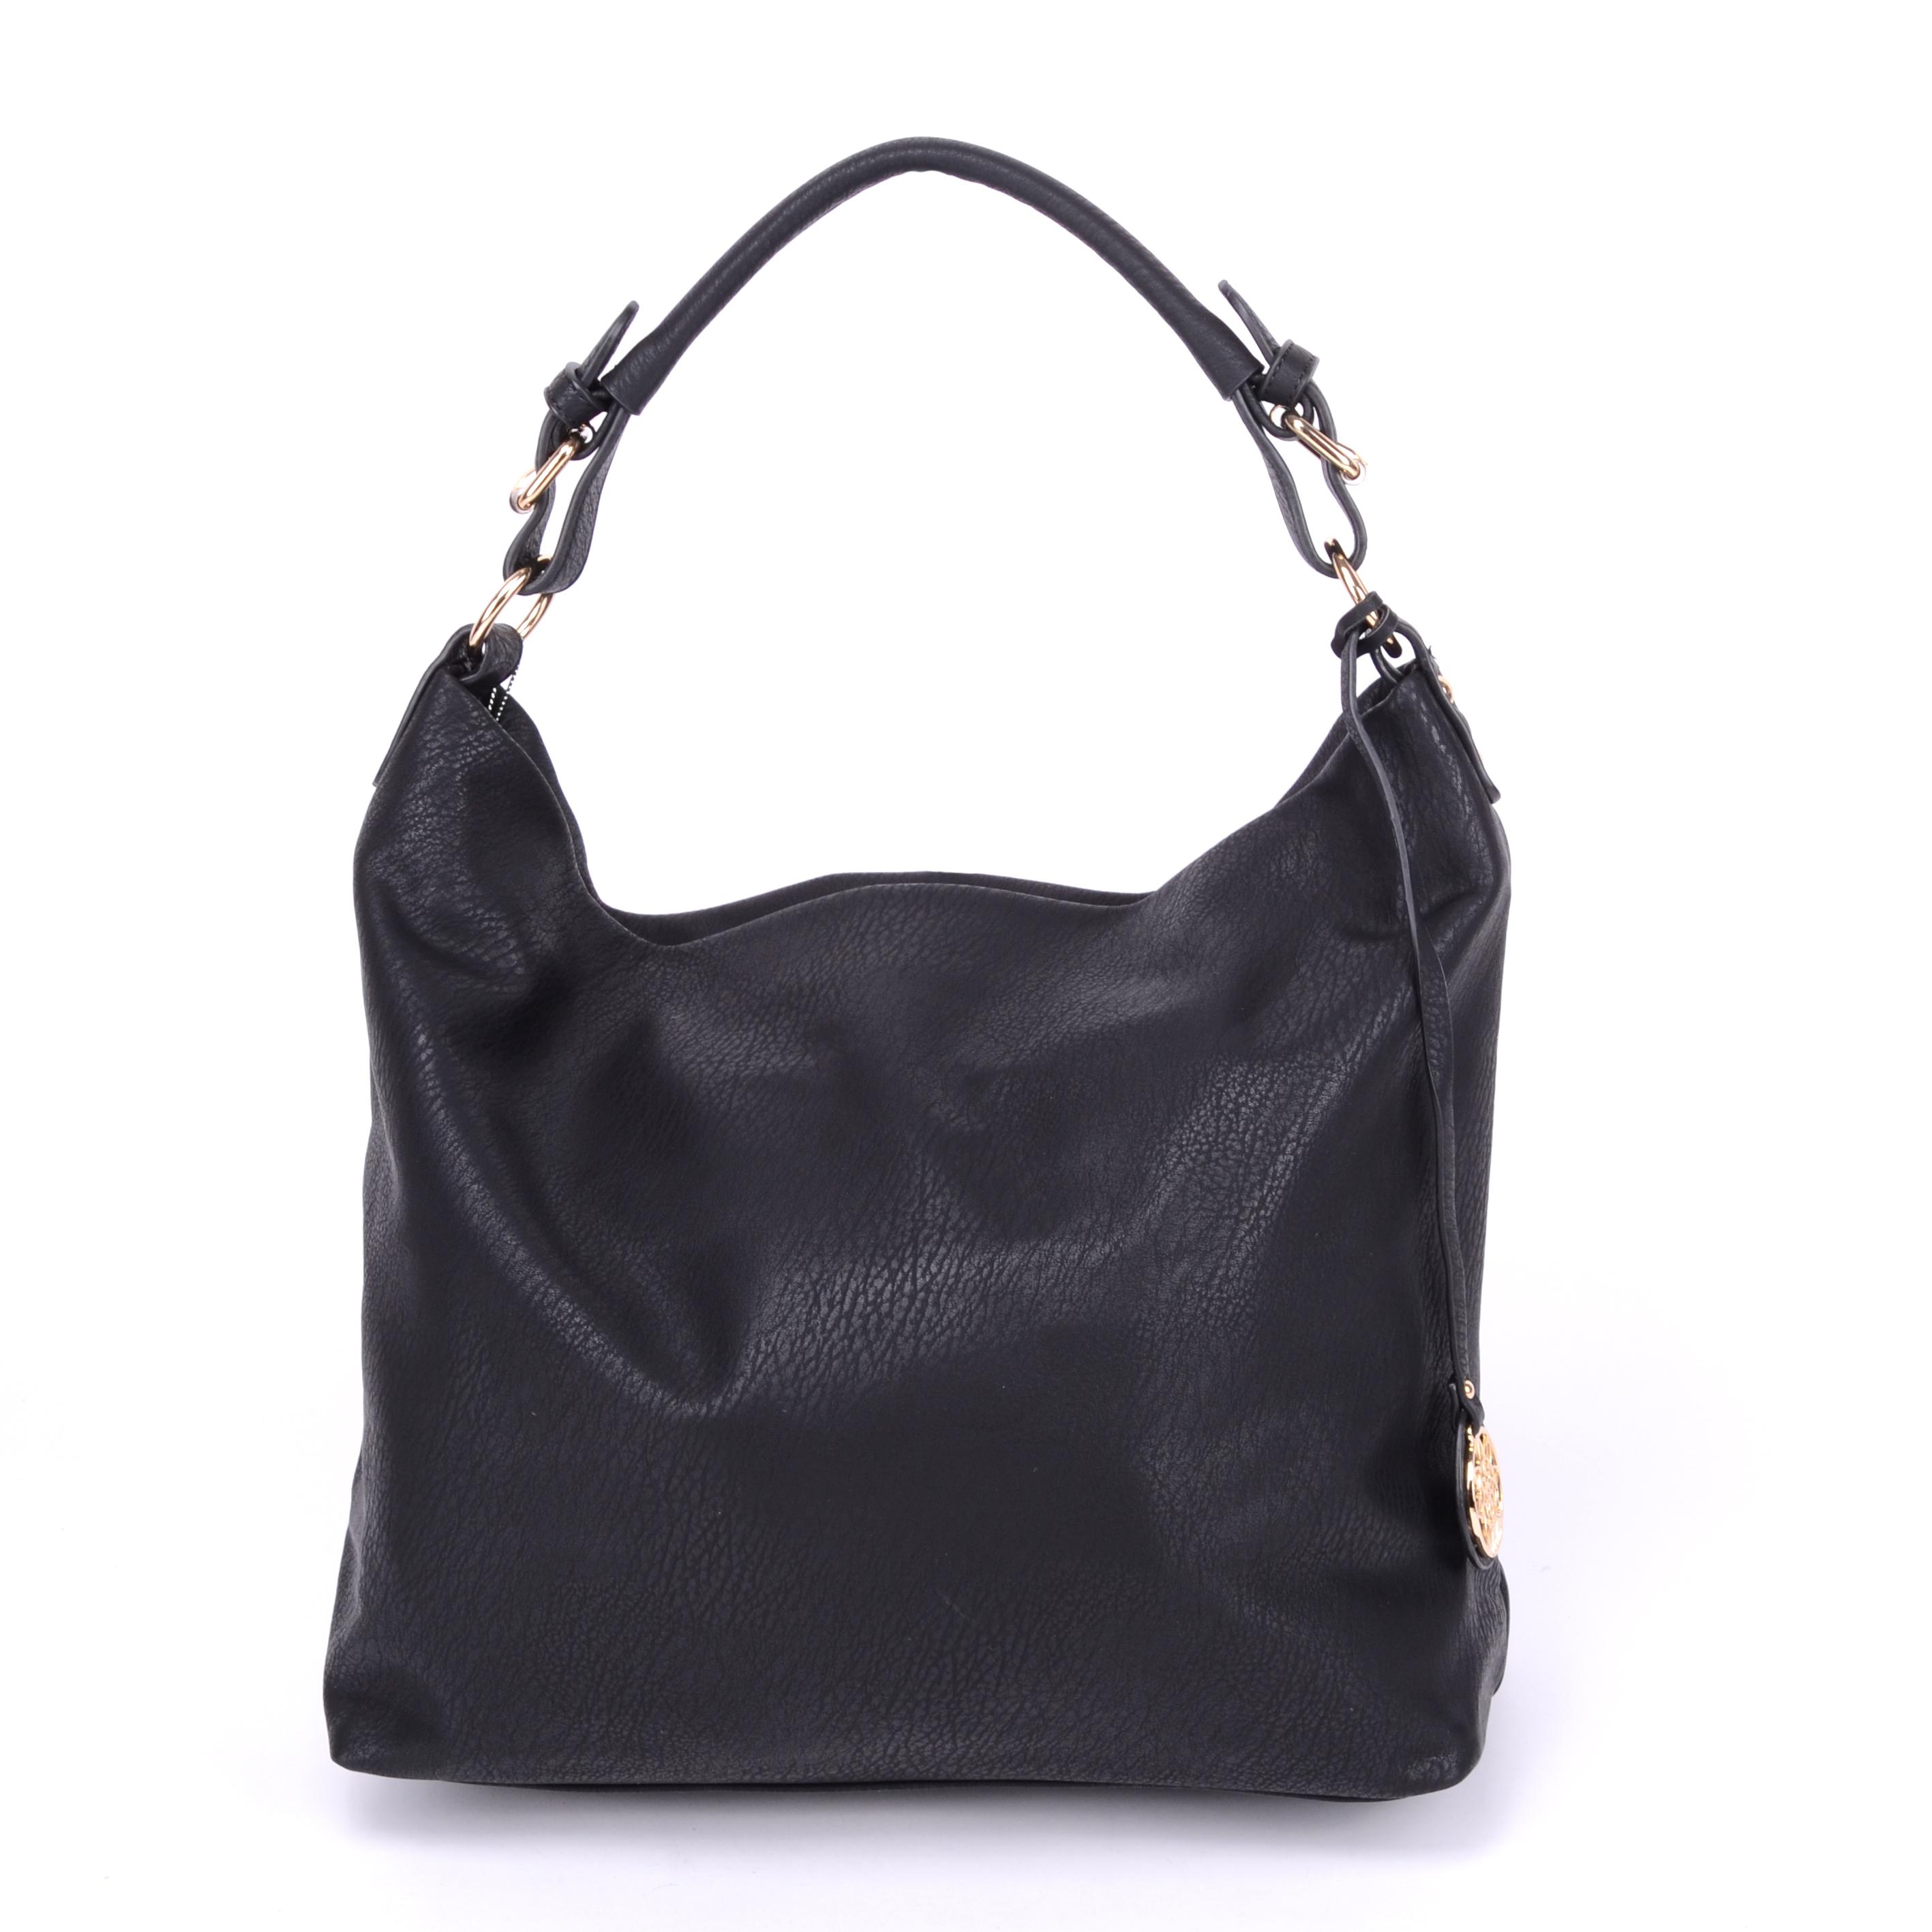 Dudlin Női Műbőr Válltáska Fekete - Válltáskák - Táska webáruház - Minőségi  táskák mindenkinek 09d9a50edb